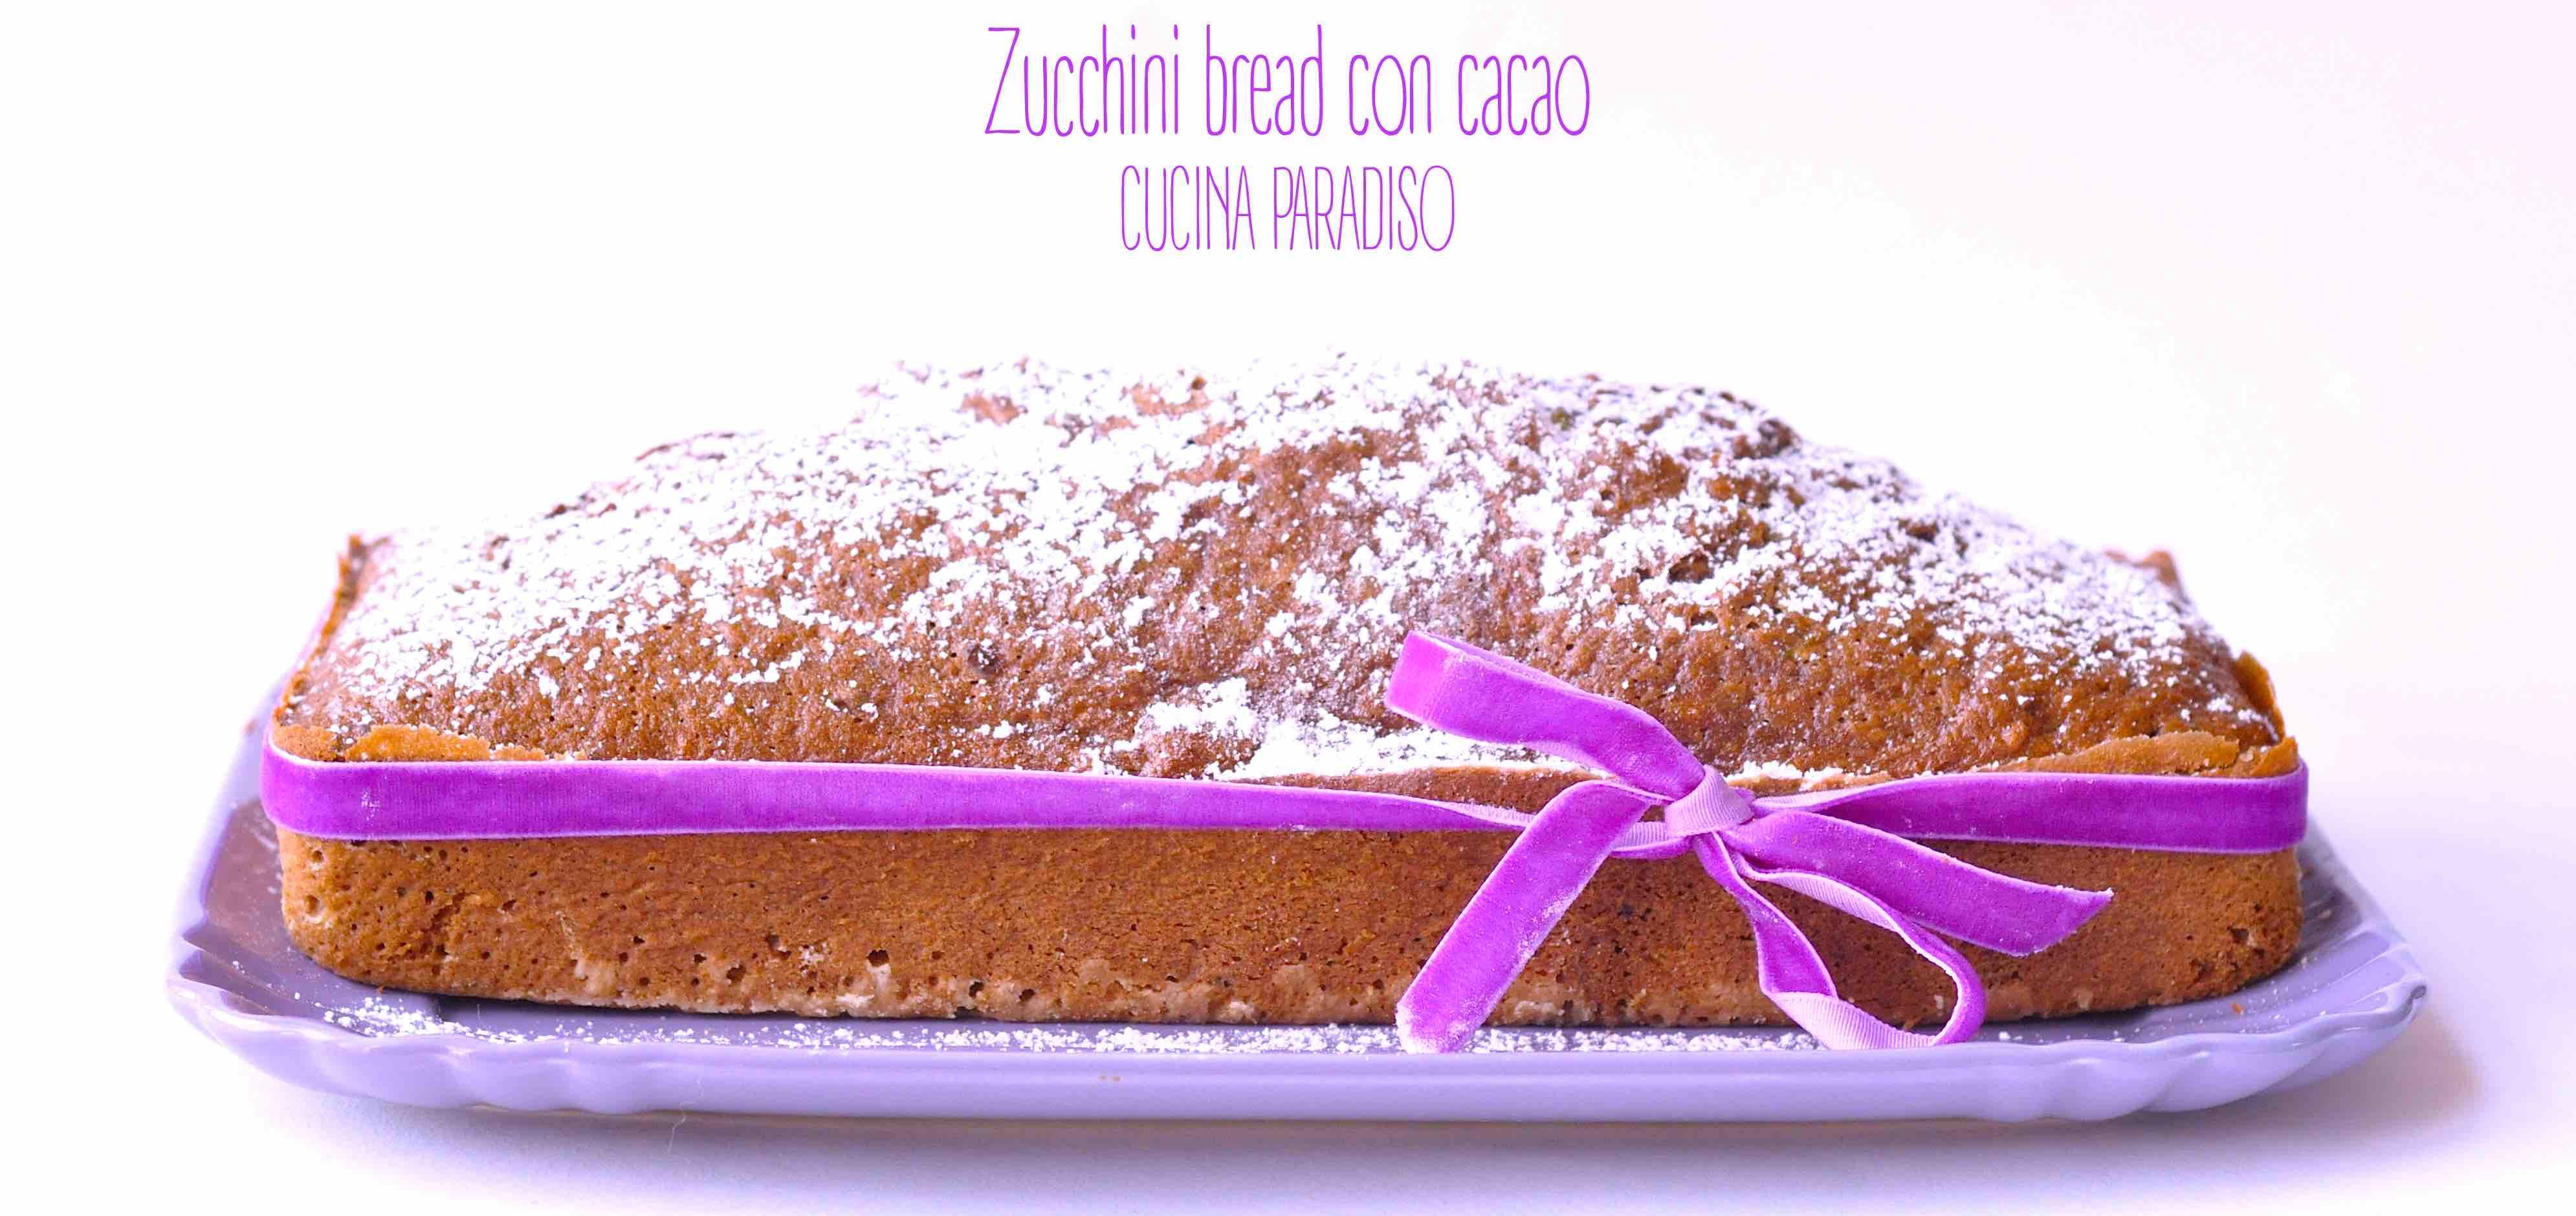 Zucchini bread con cacao3